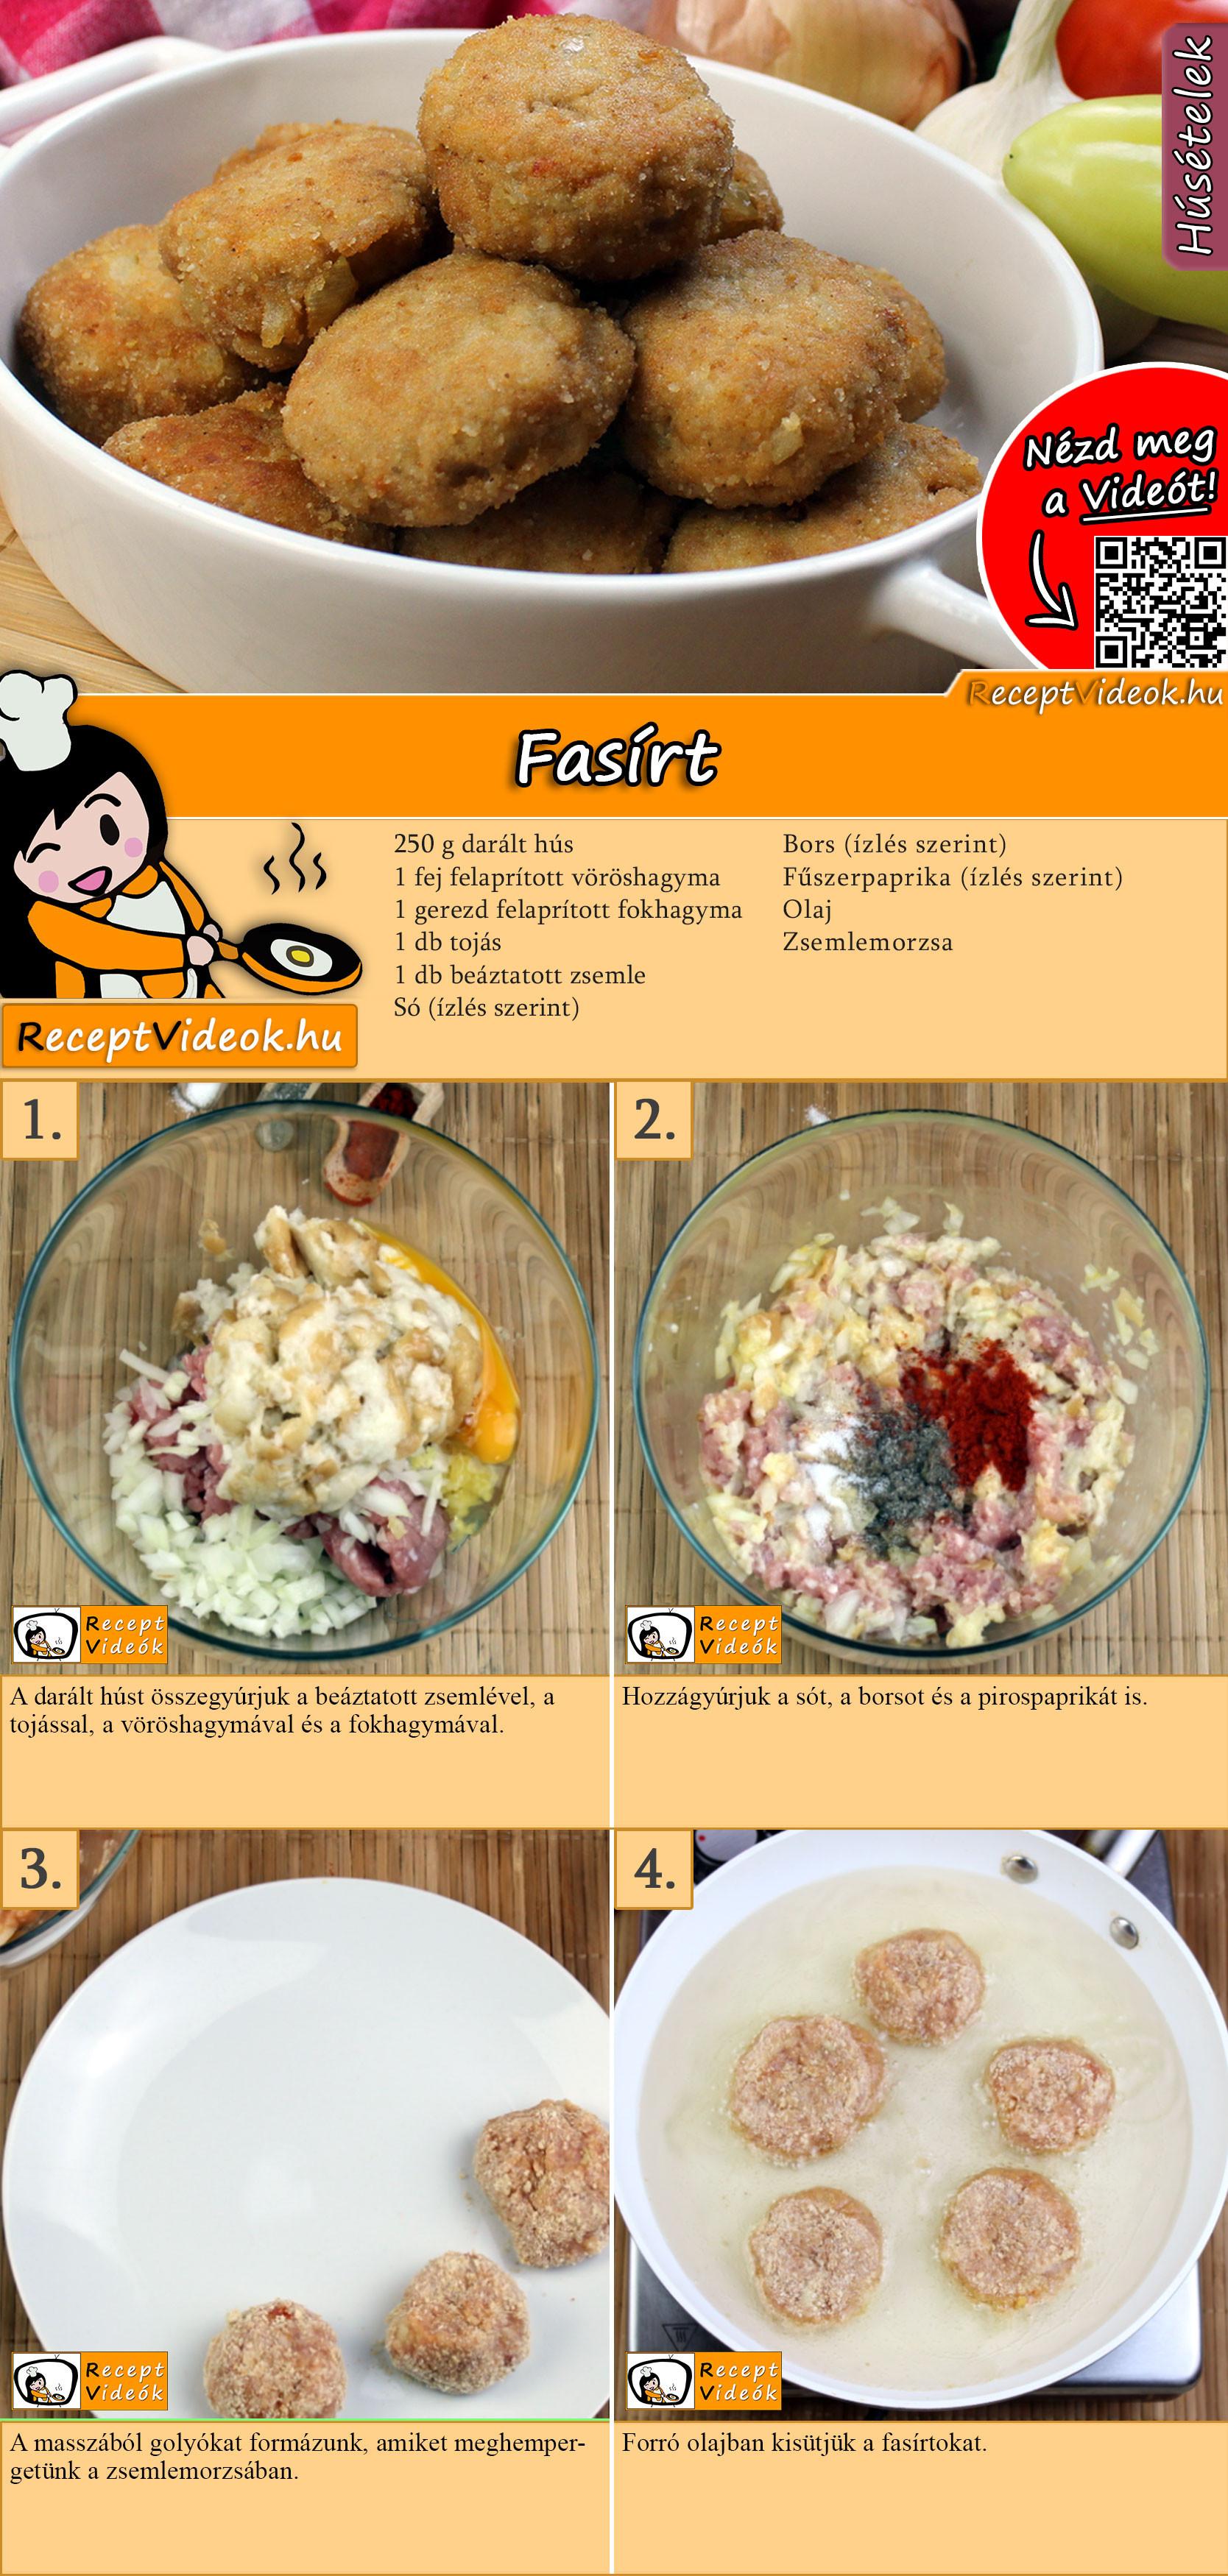 Fasírt recept elkészítése videóval